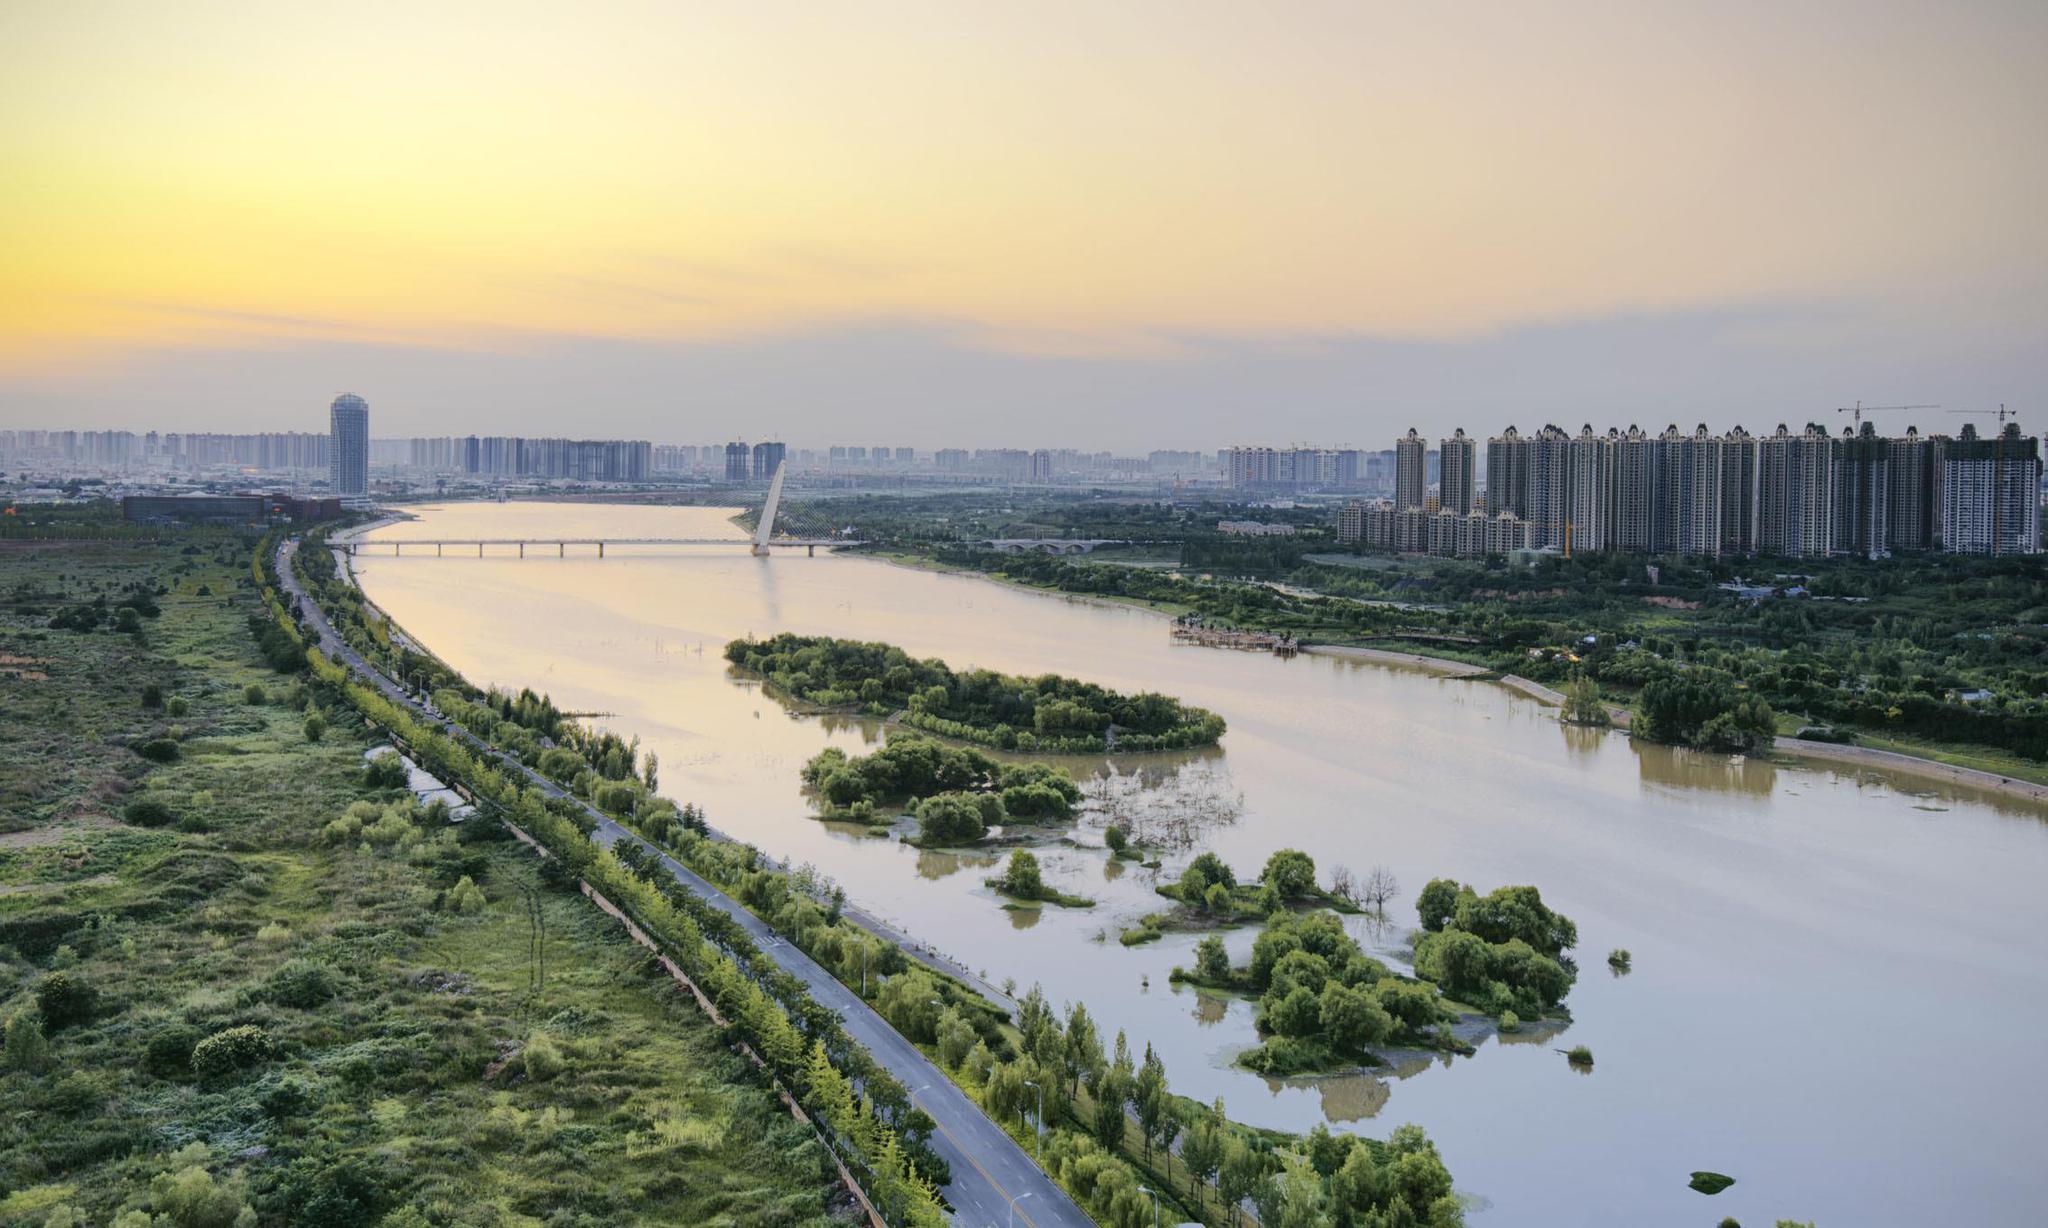 西安灞桥区灞河田王桥经常拥堵 市民建议加快分流路网建设